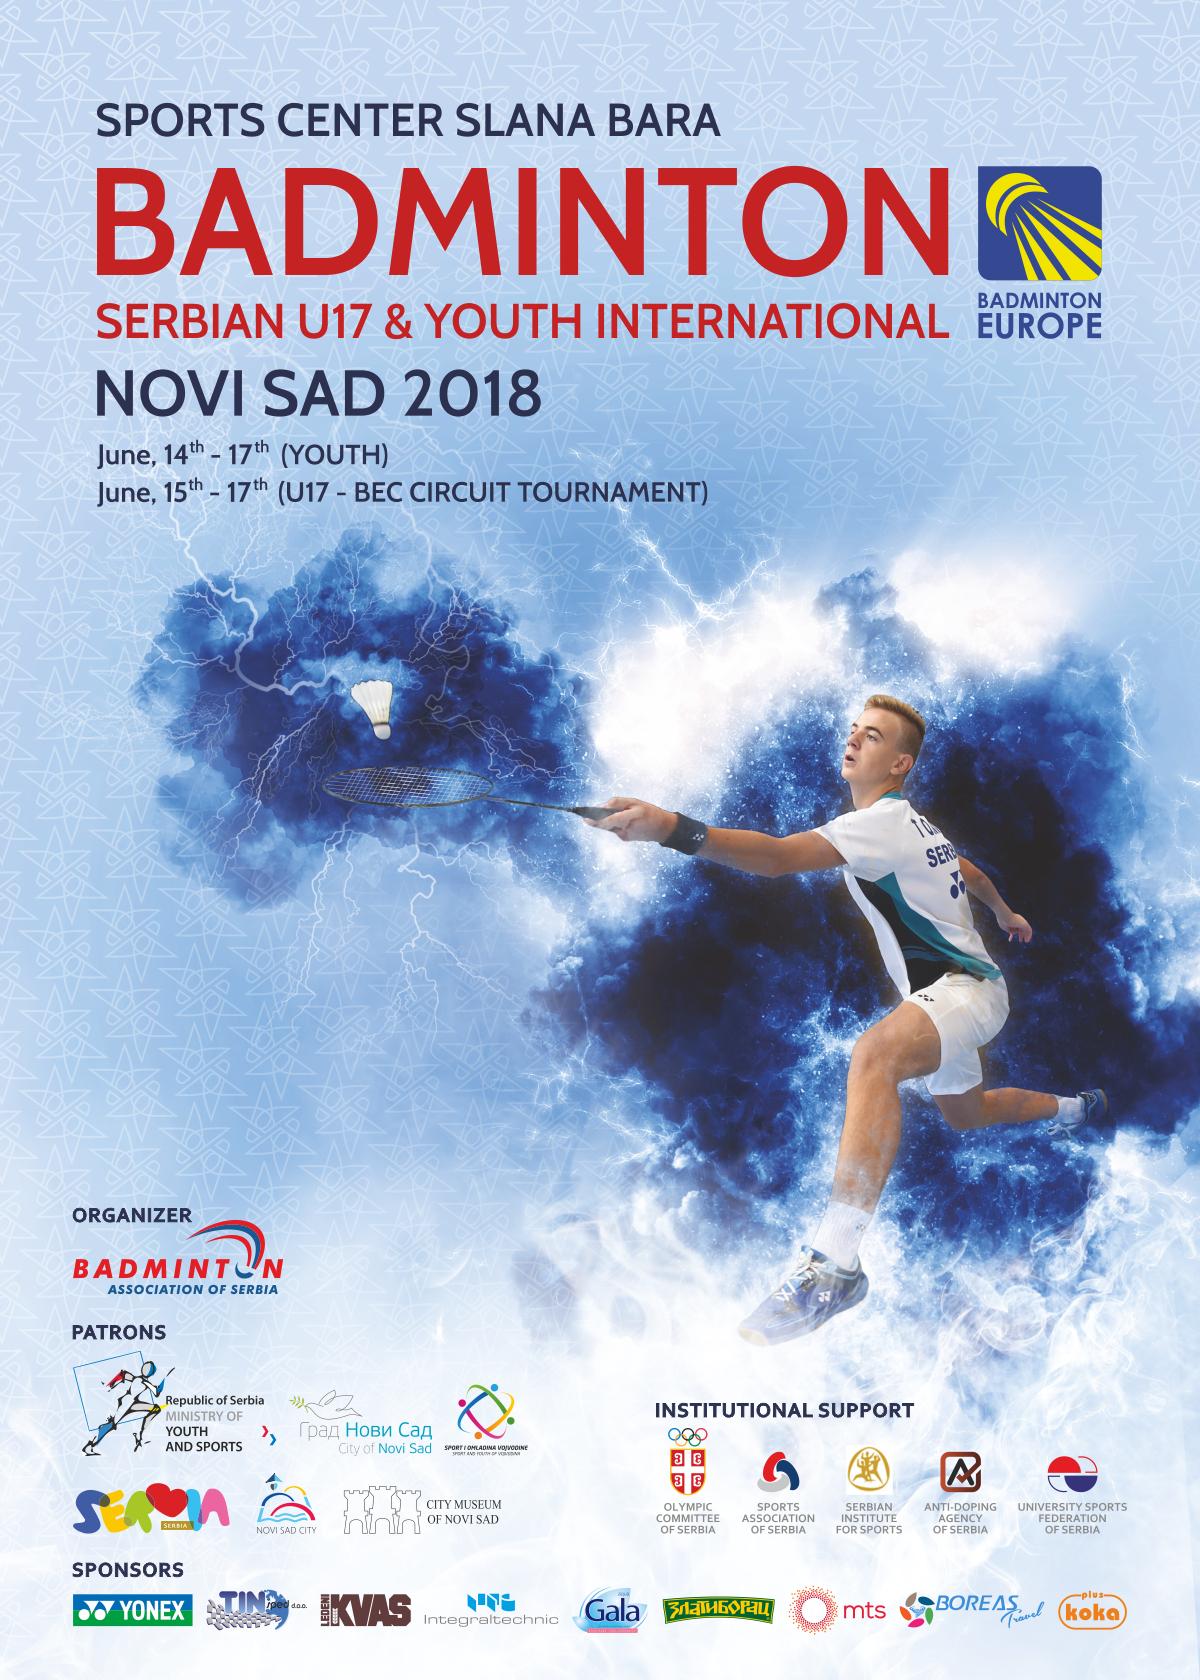 BadmintonEurope com